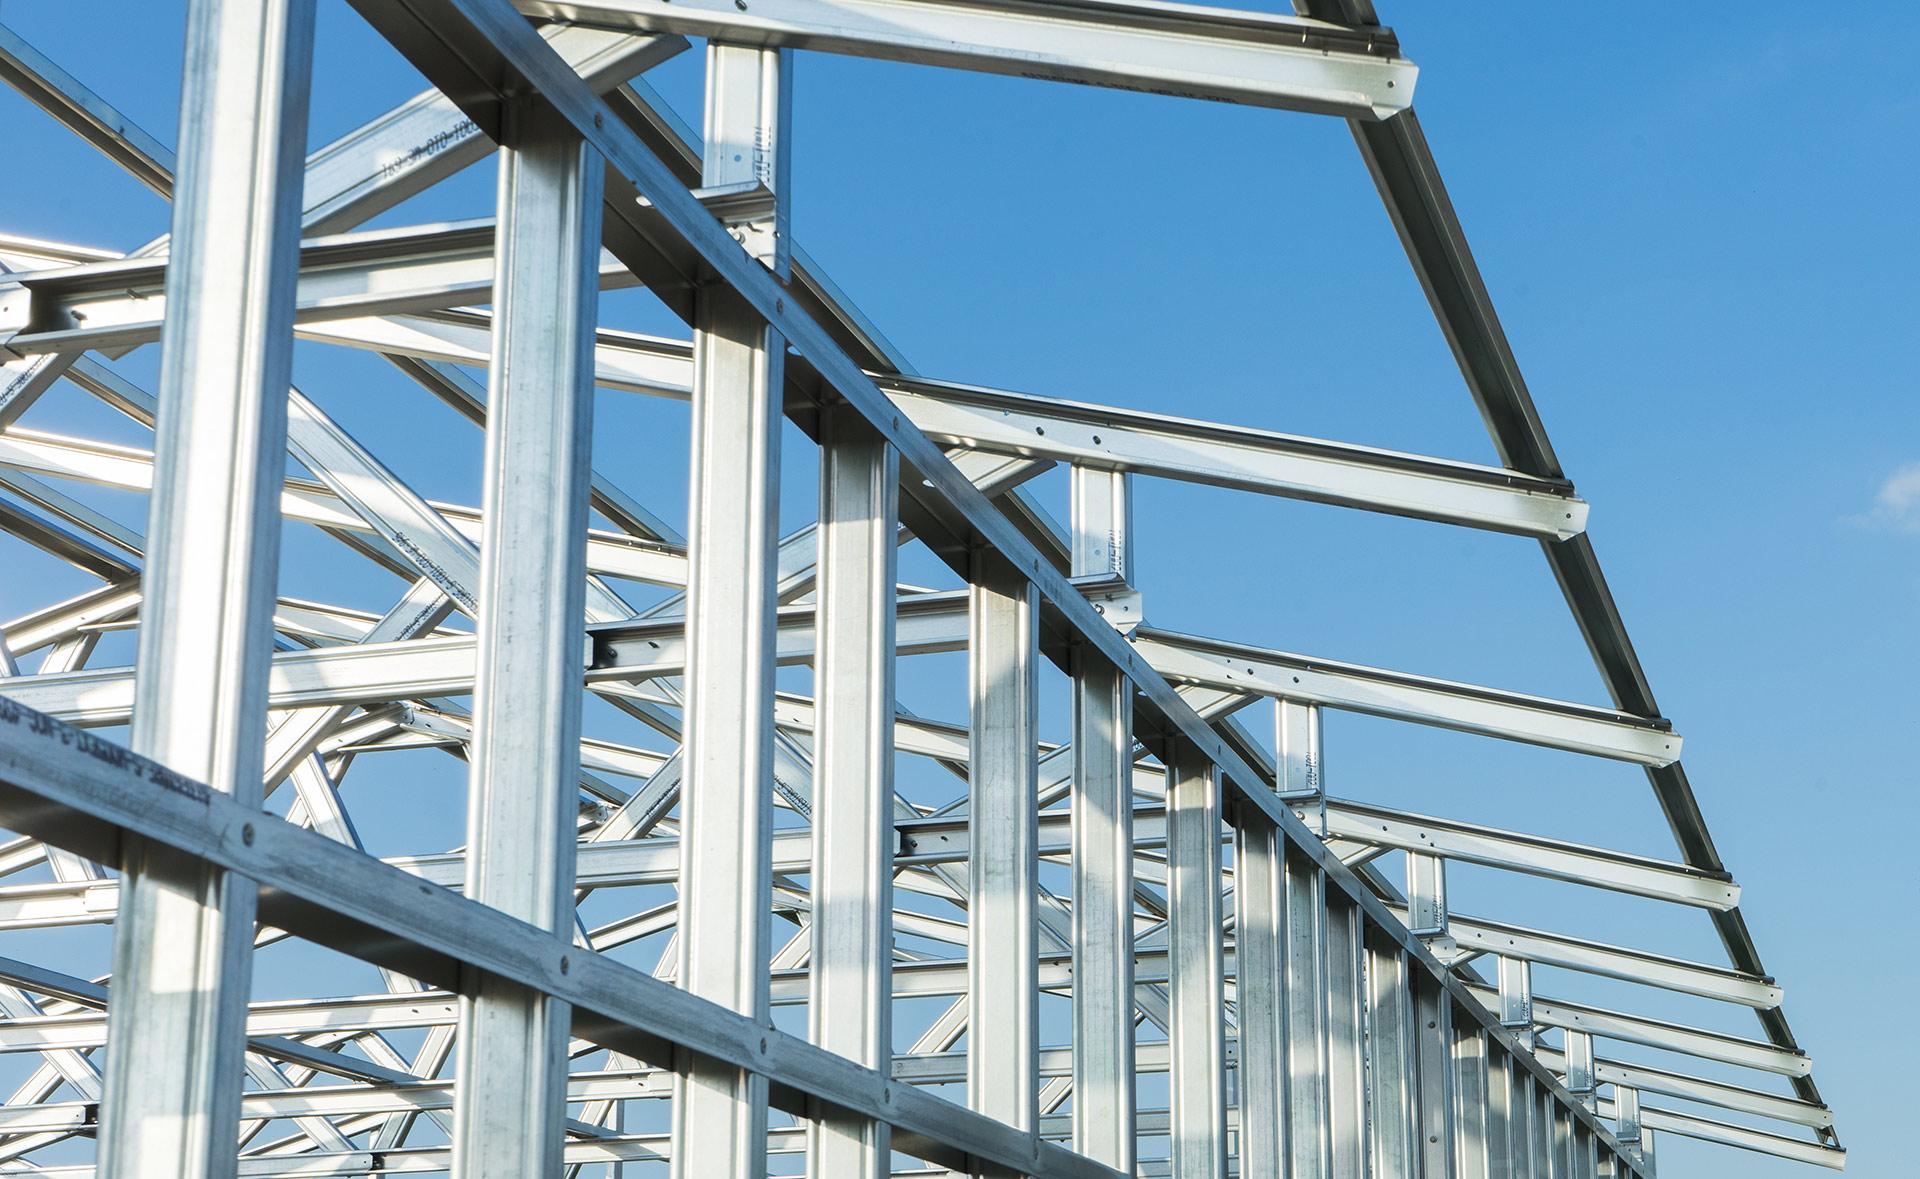 konstrukcja-stalowa-hale-magazynowa-projektowanie